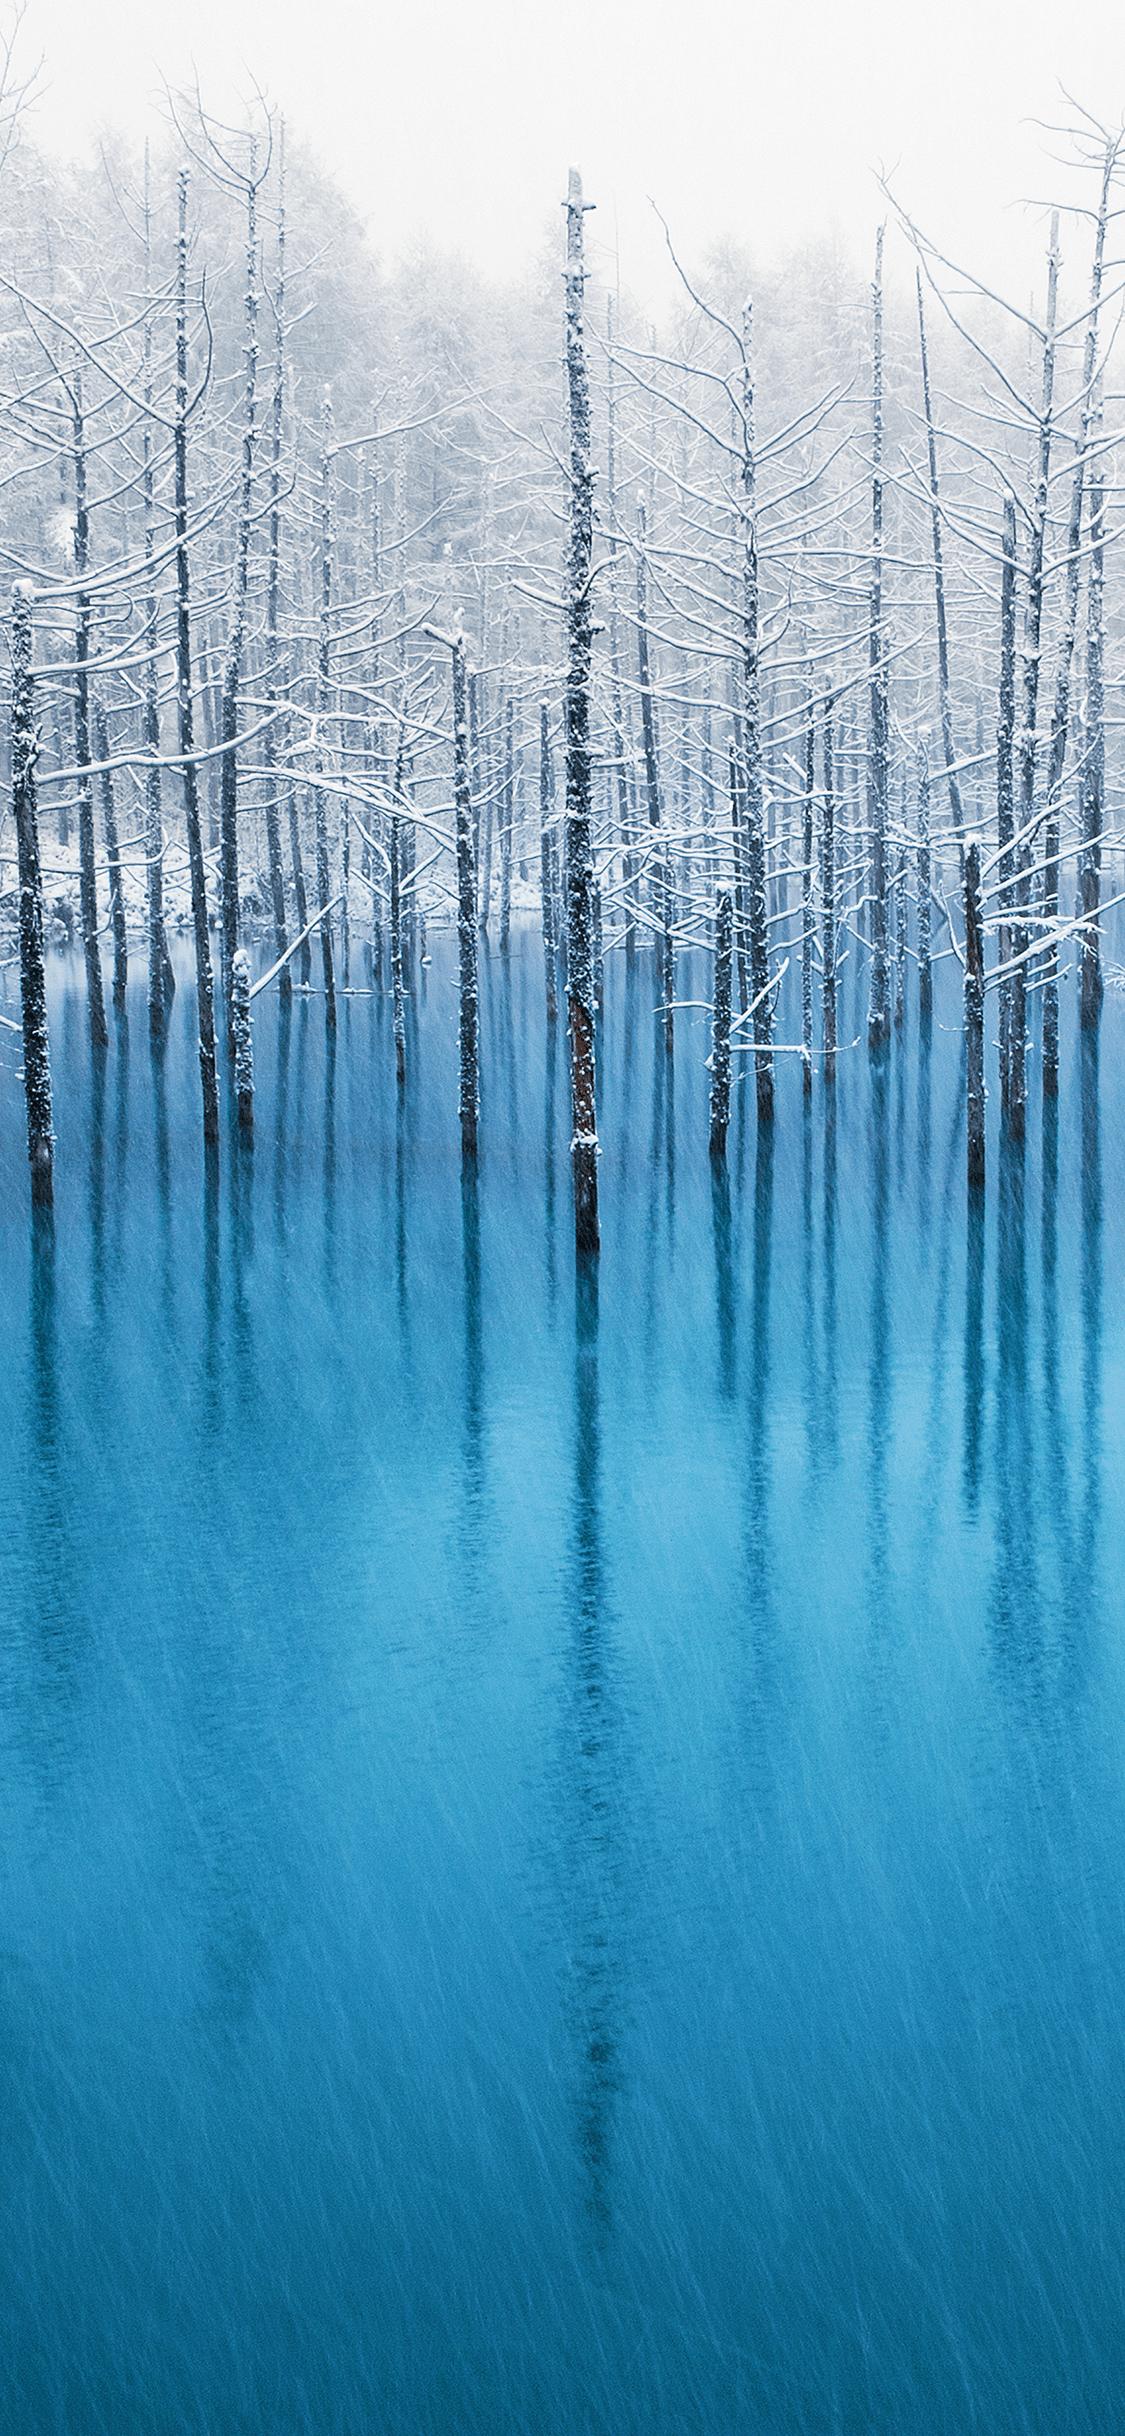 Frozen trees original Apple wallpaper